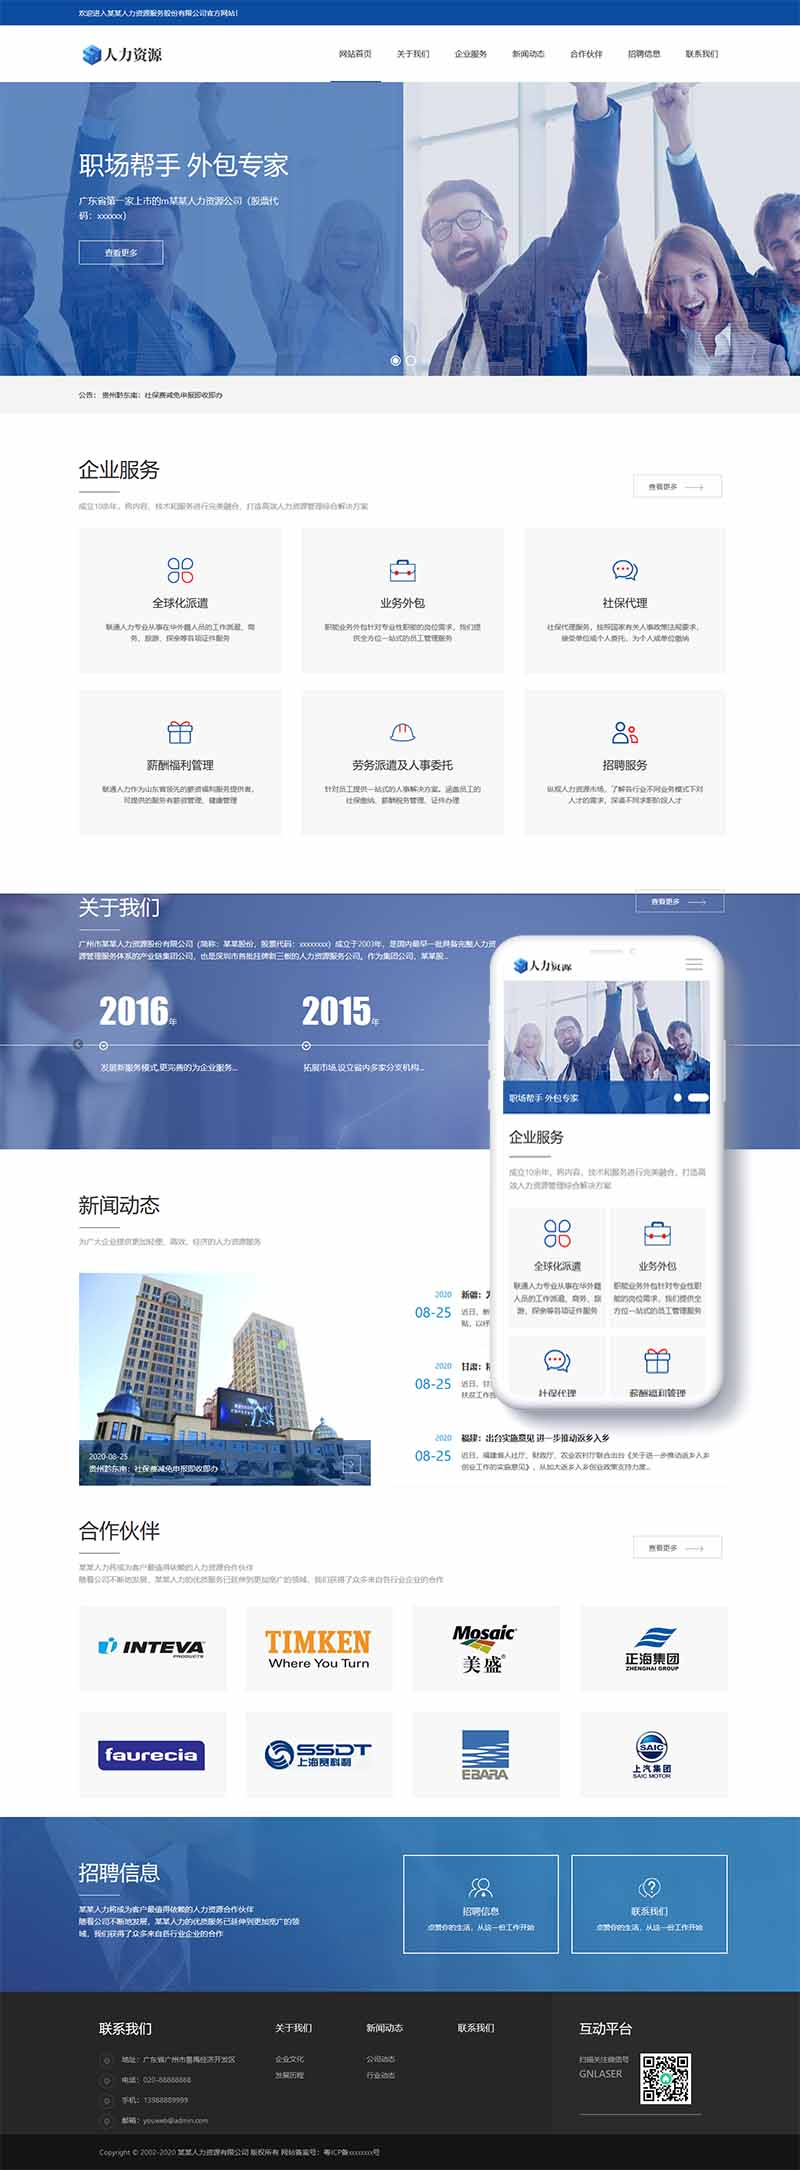 人力外包企业网站